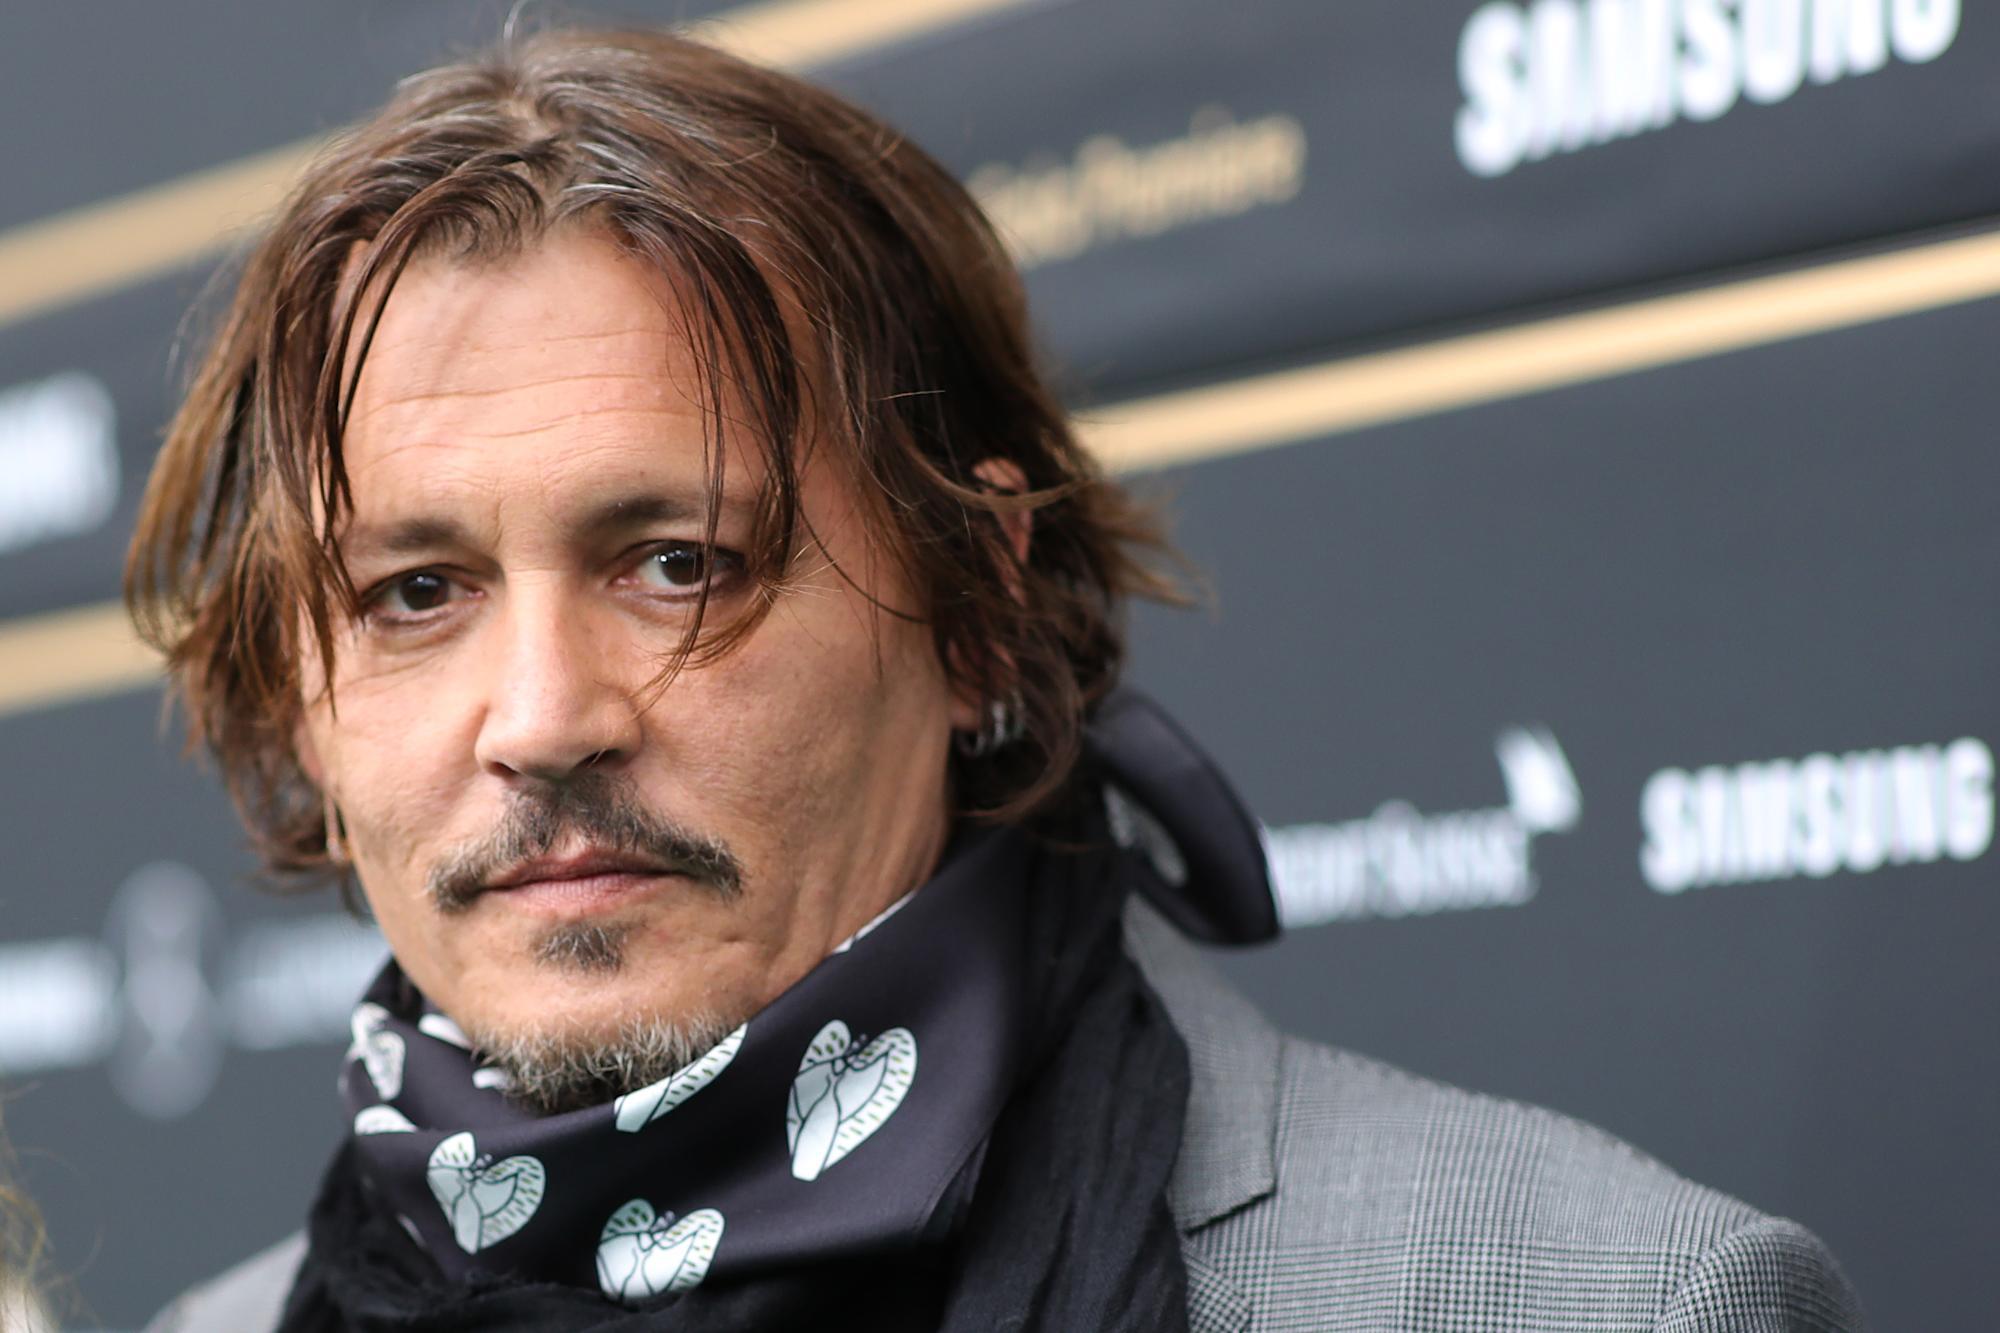 Johnny Depp nói về việc tẩy chay Hollywood trong cuộc phỏng vấn đầu tiên kể từ khi thua kiện